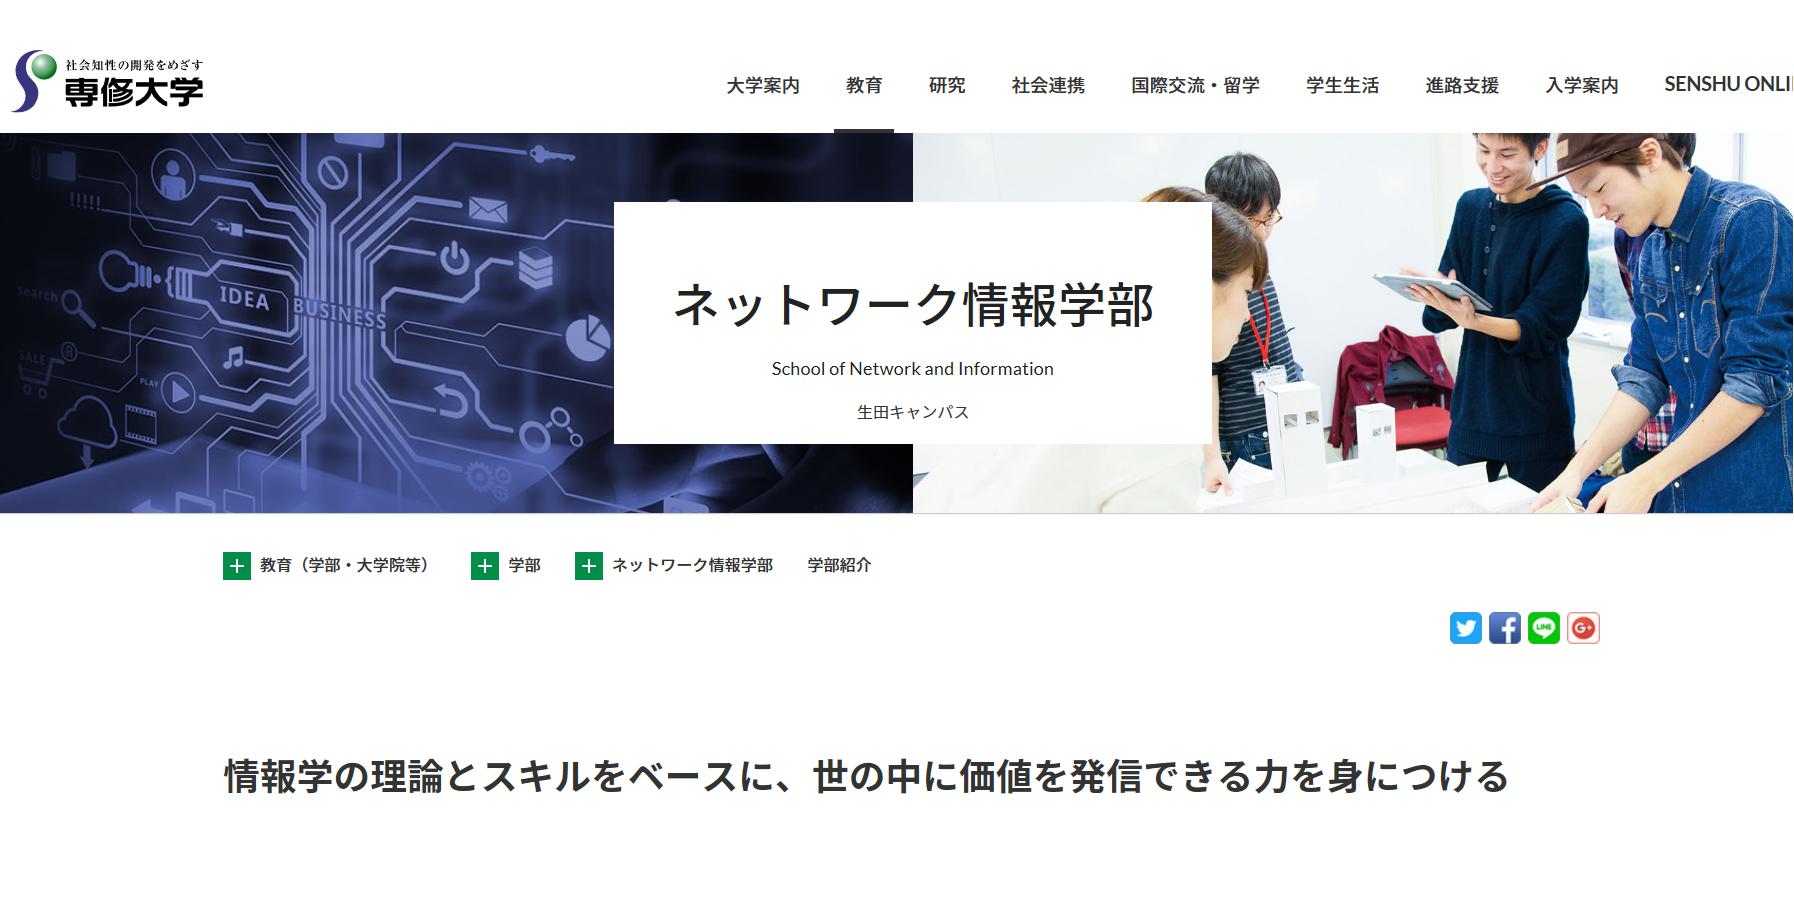 専修大学の評判・口コミ【ネットワーク情報学部編】